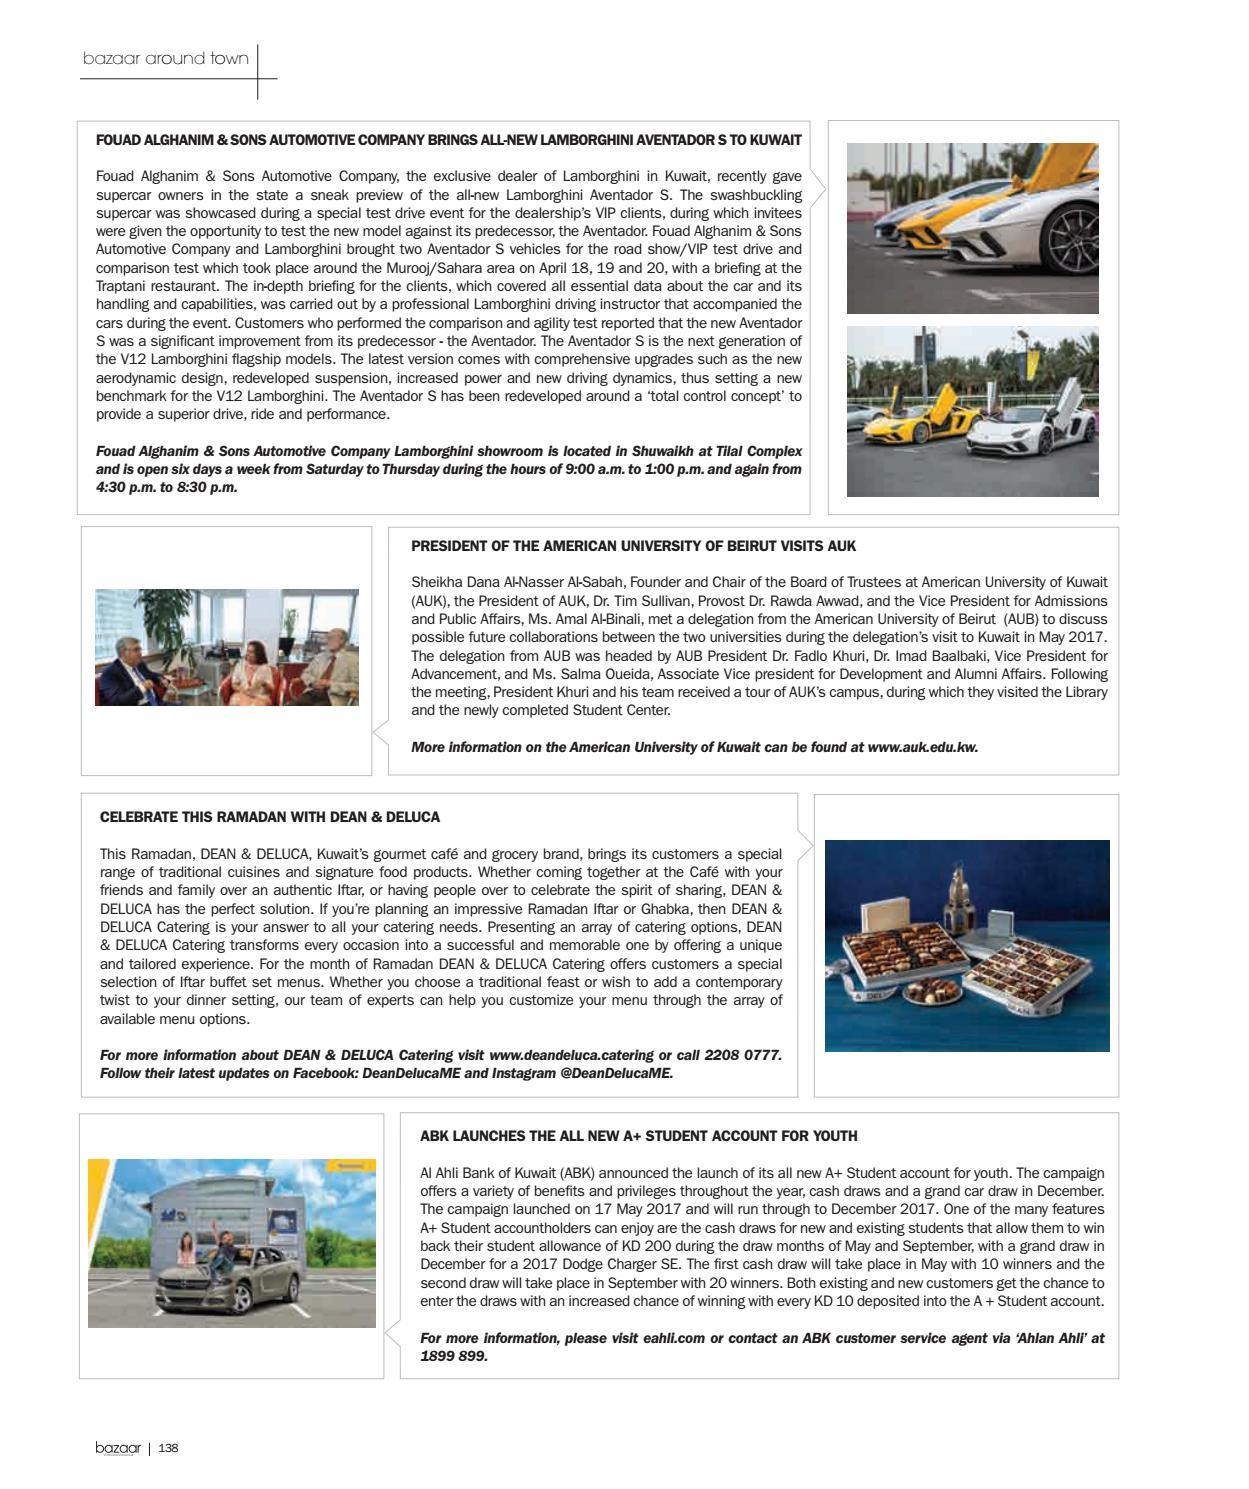 bazaar June 2017 issue